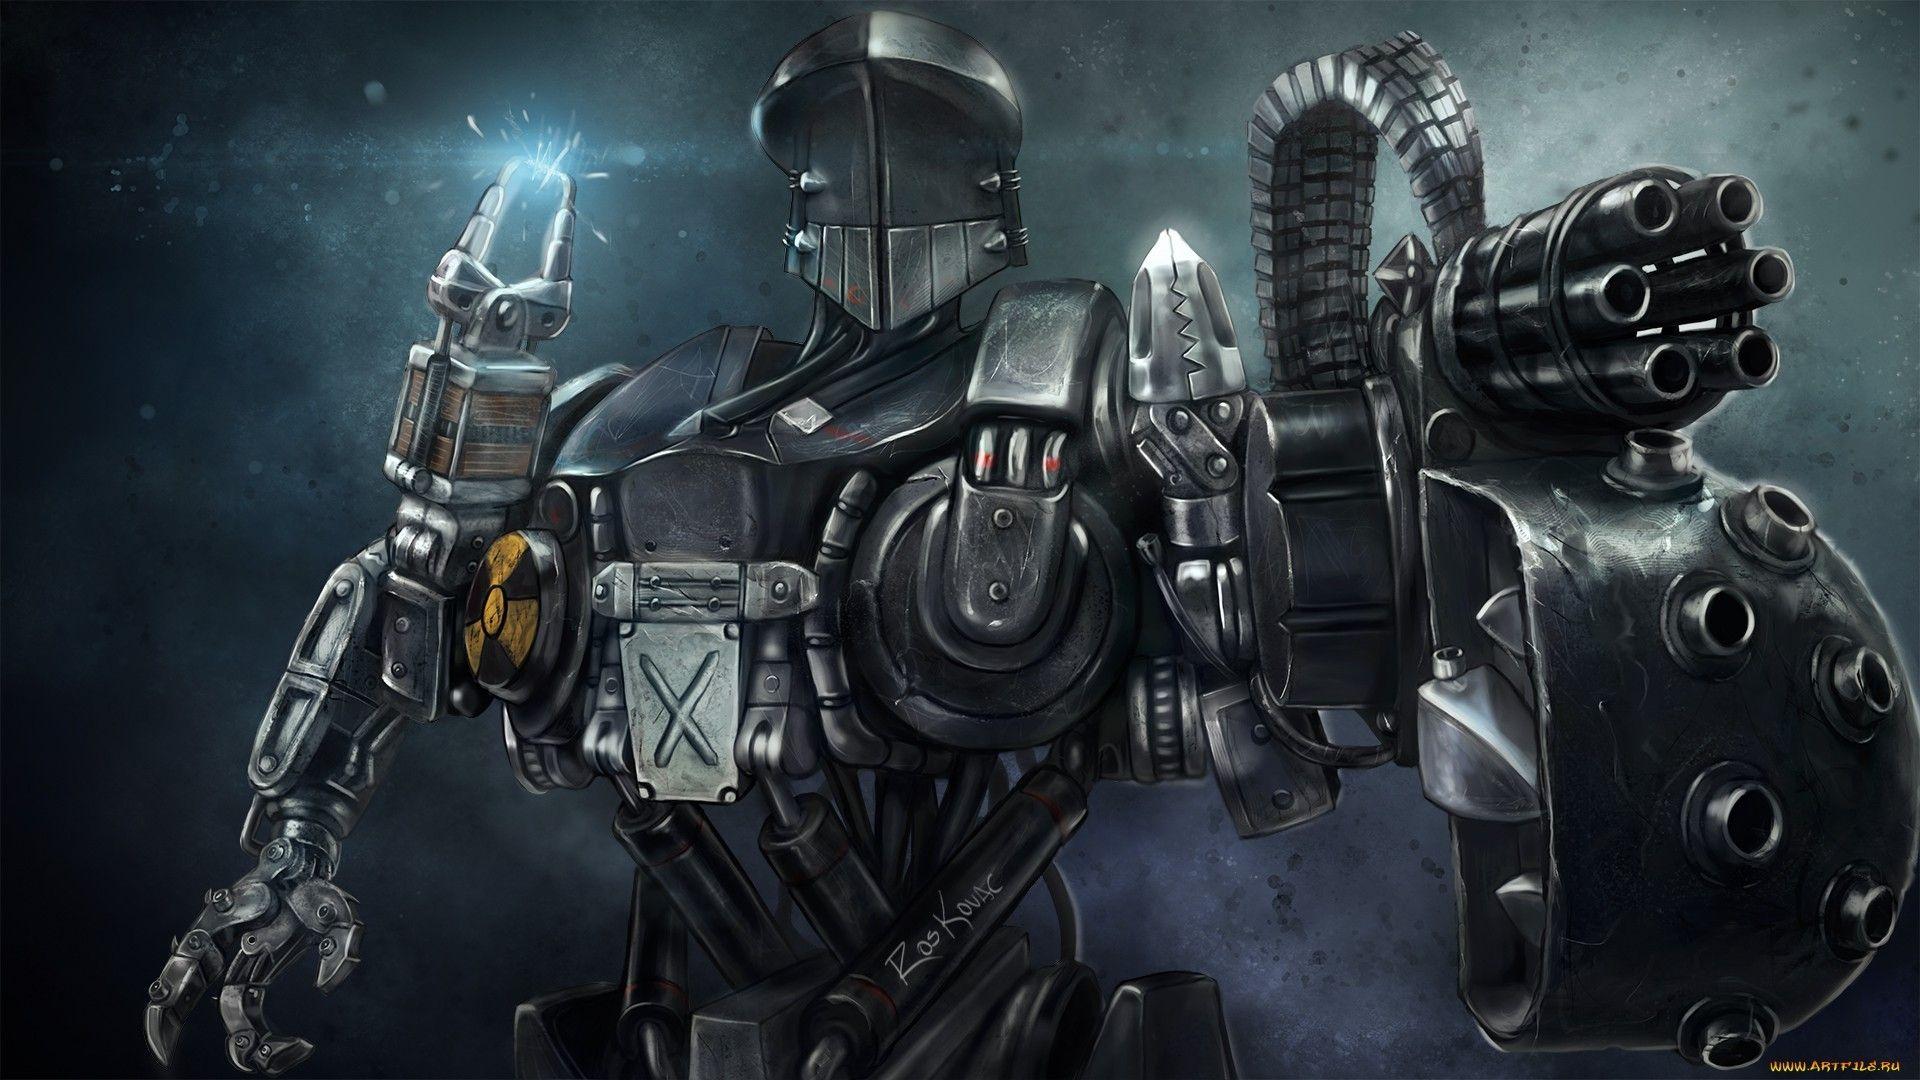 Robocop Joel Kinnaman Jose Padilha Joshua